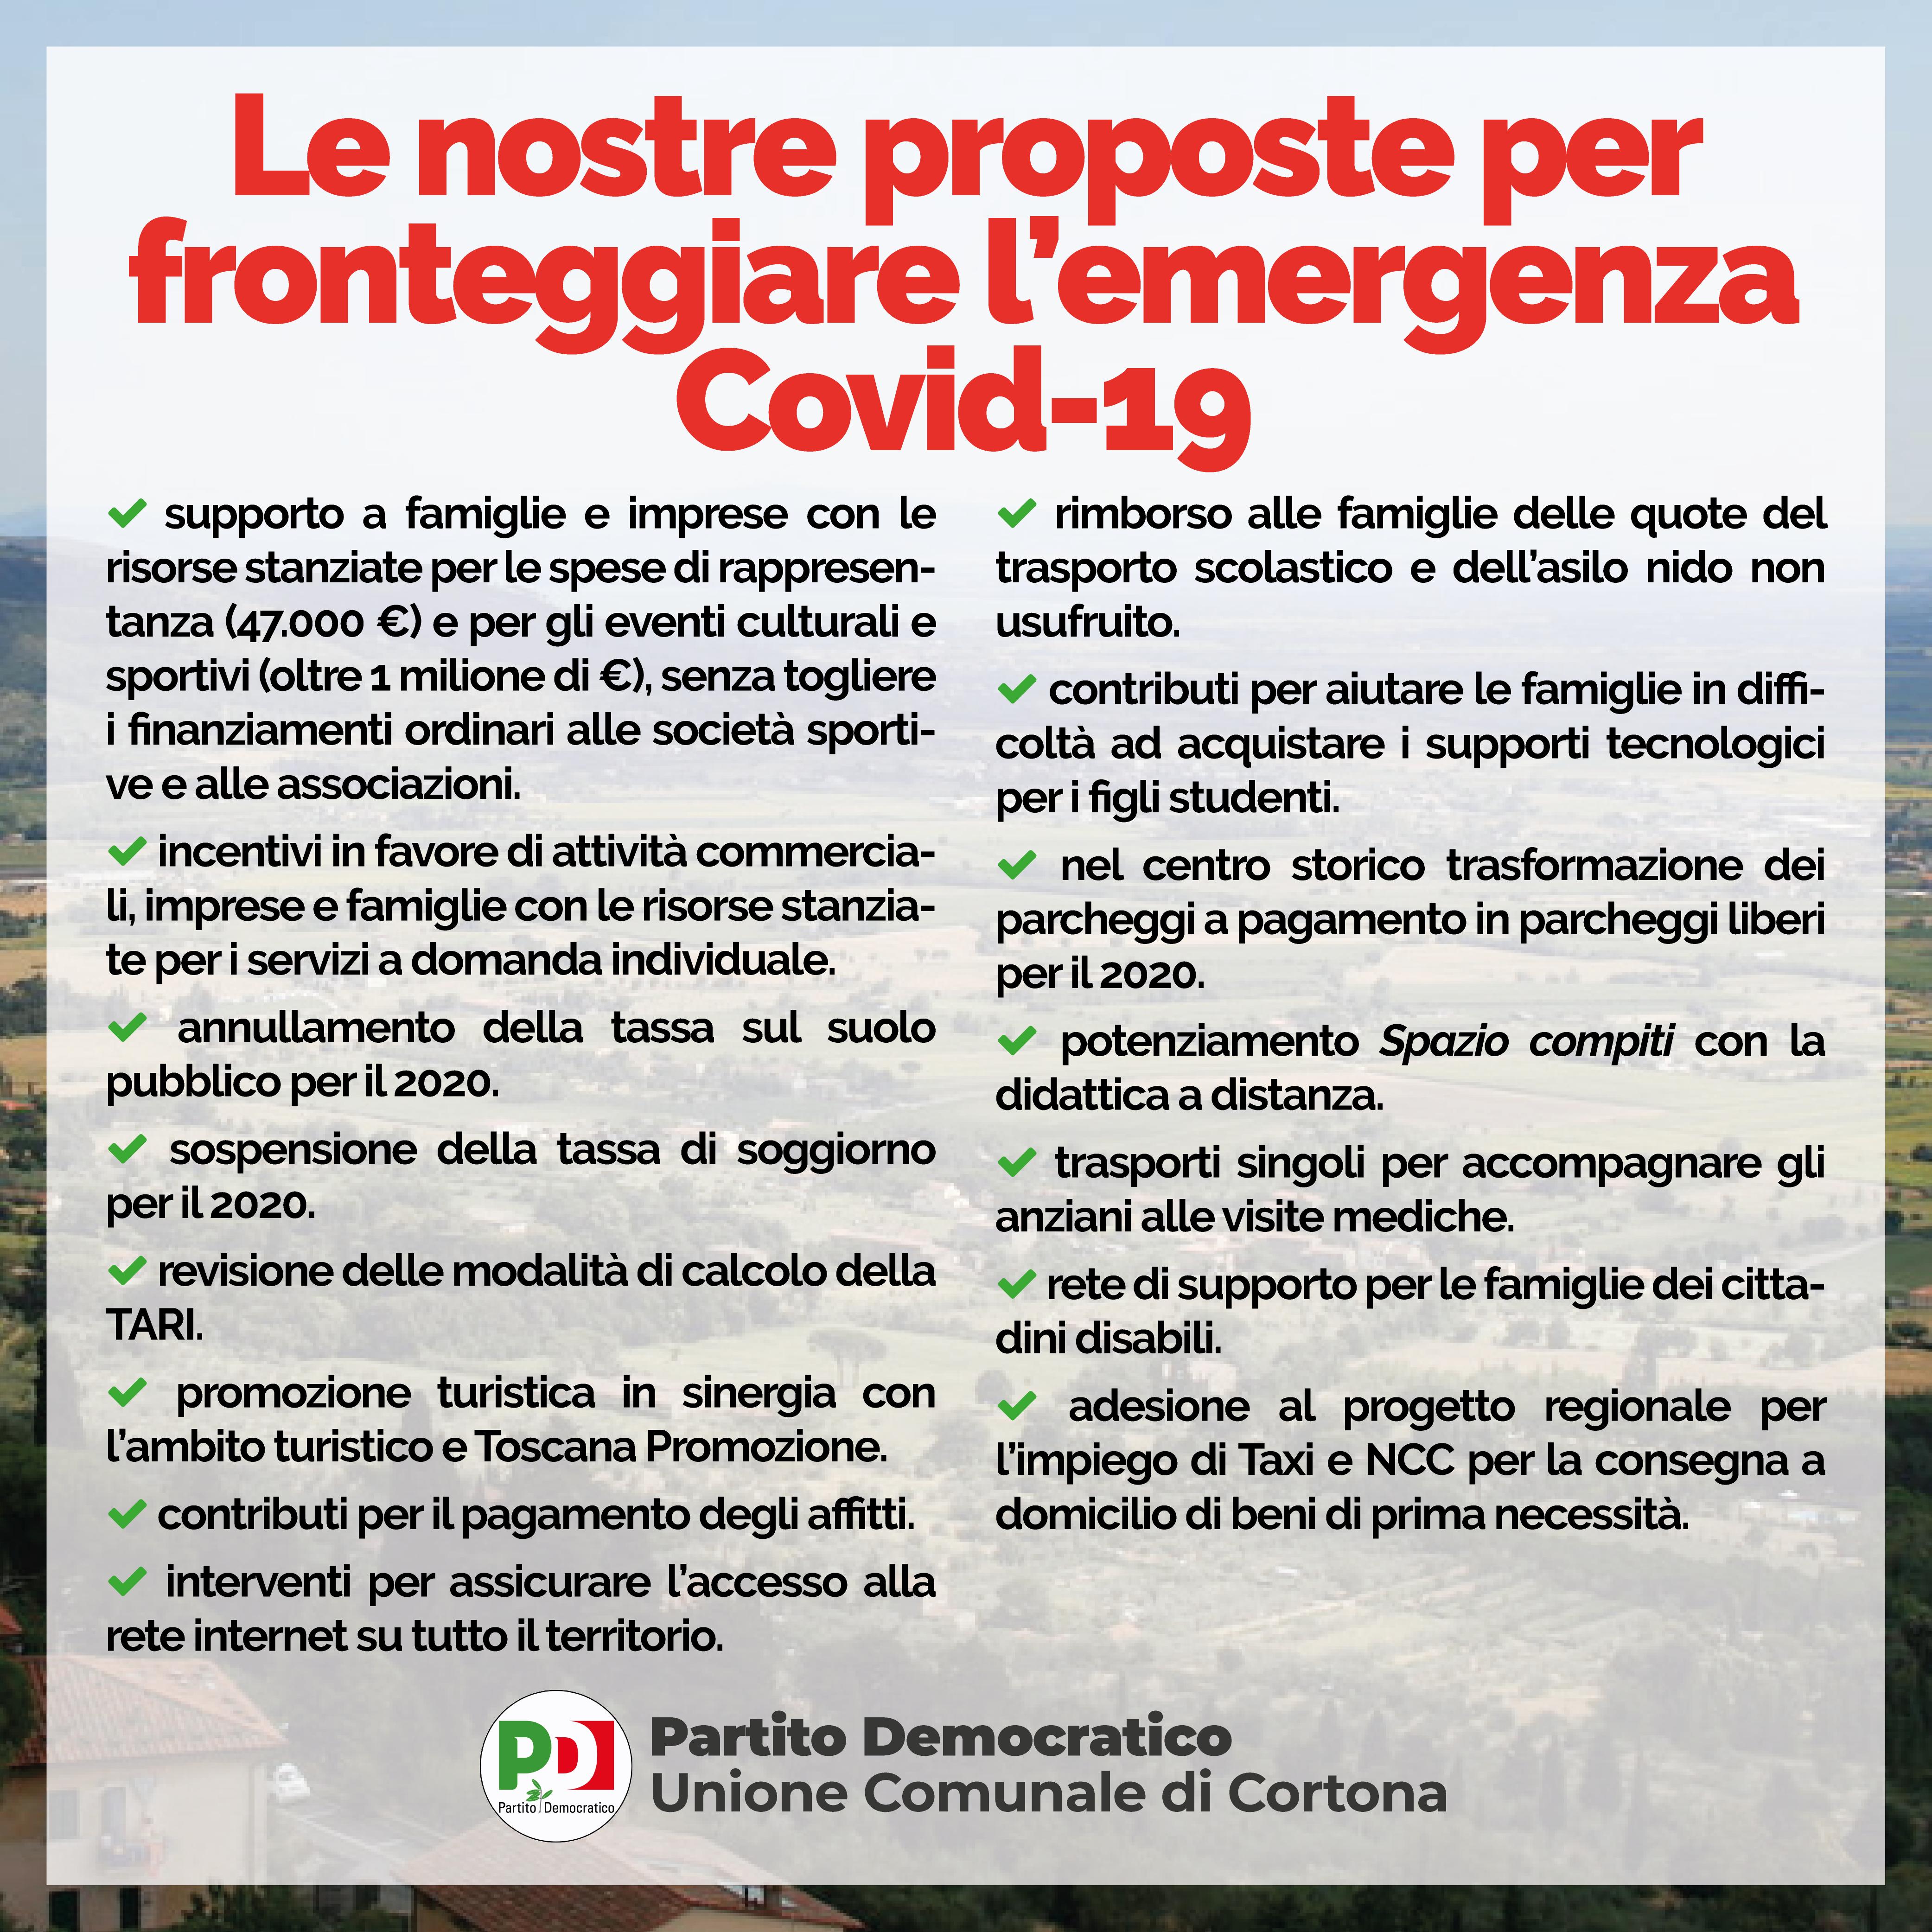 Le proposte dei Democratici cortonesi per fronteggiare l'emergenza Covid-19